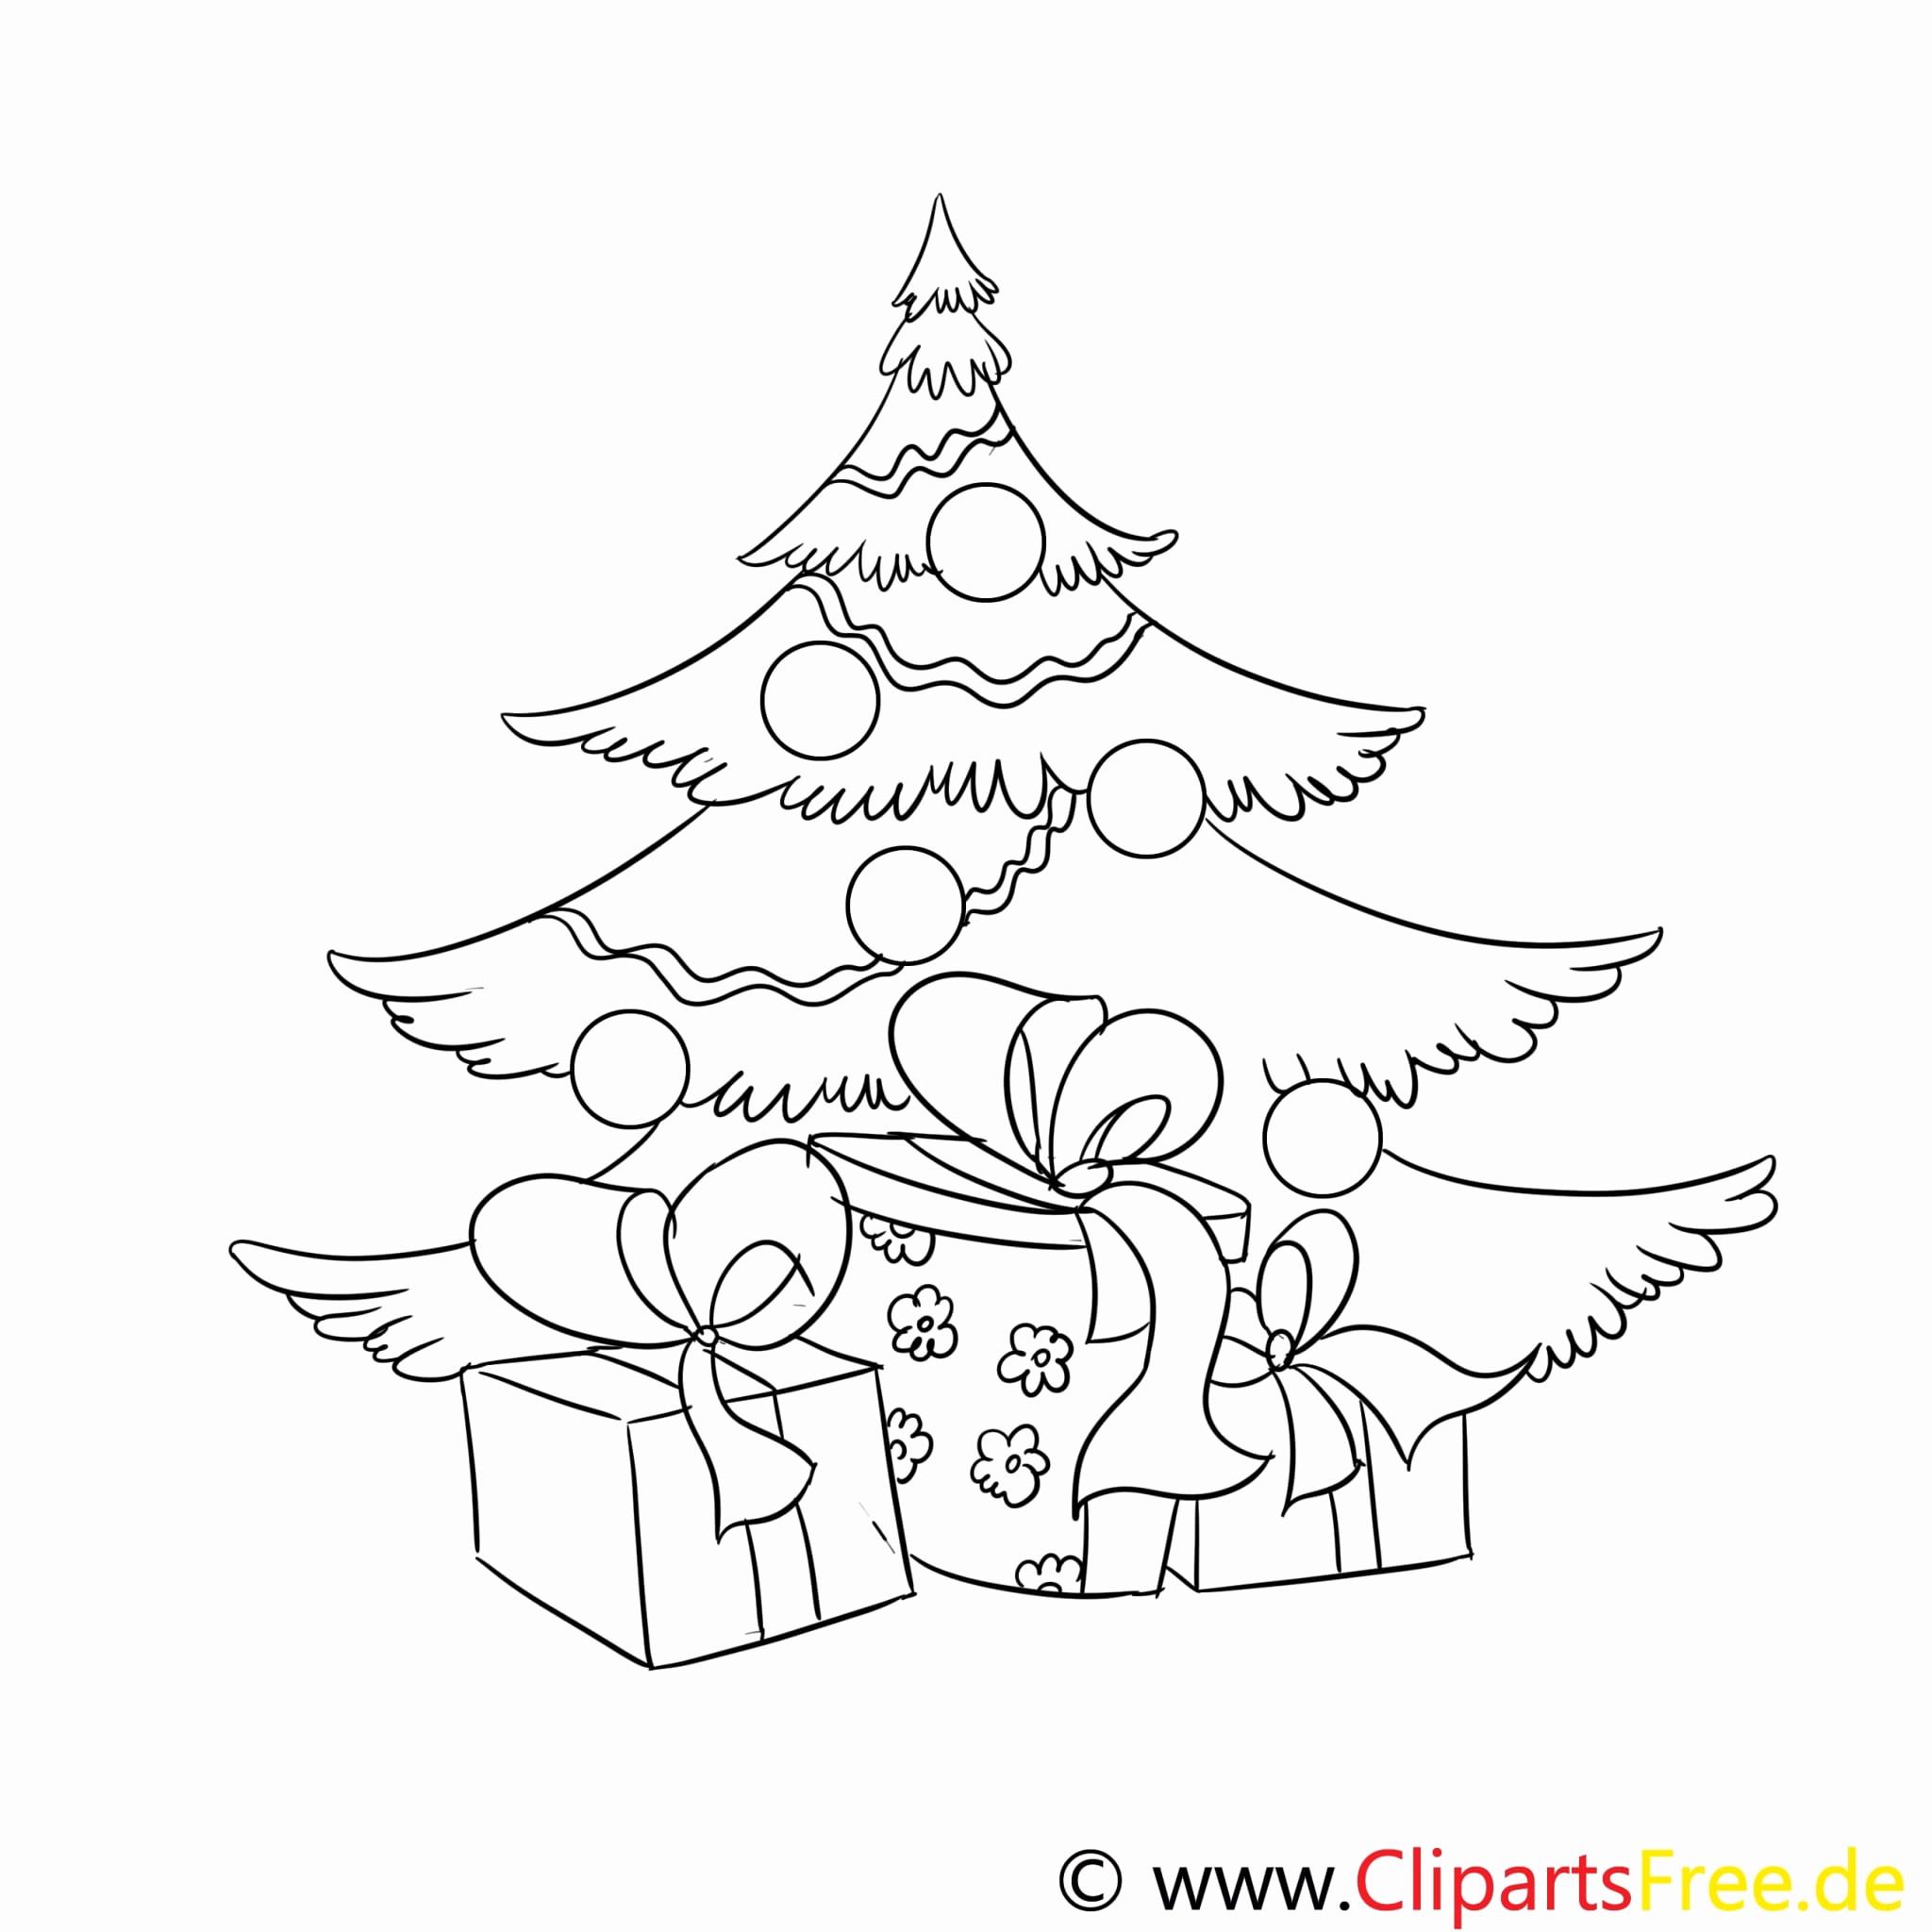 Ausmalbilder Weihnachten Tannenbaum Mit Geschenken Genial 27 Models Galerie Von Malvorlagen Tannenbaum Ausdrucken Galerie